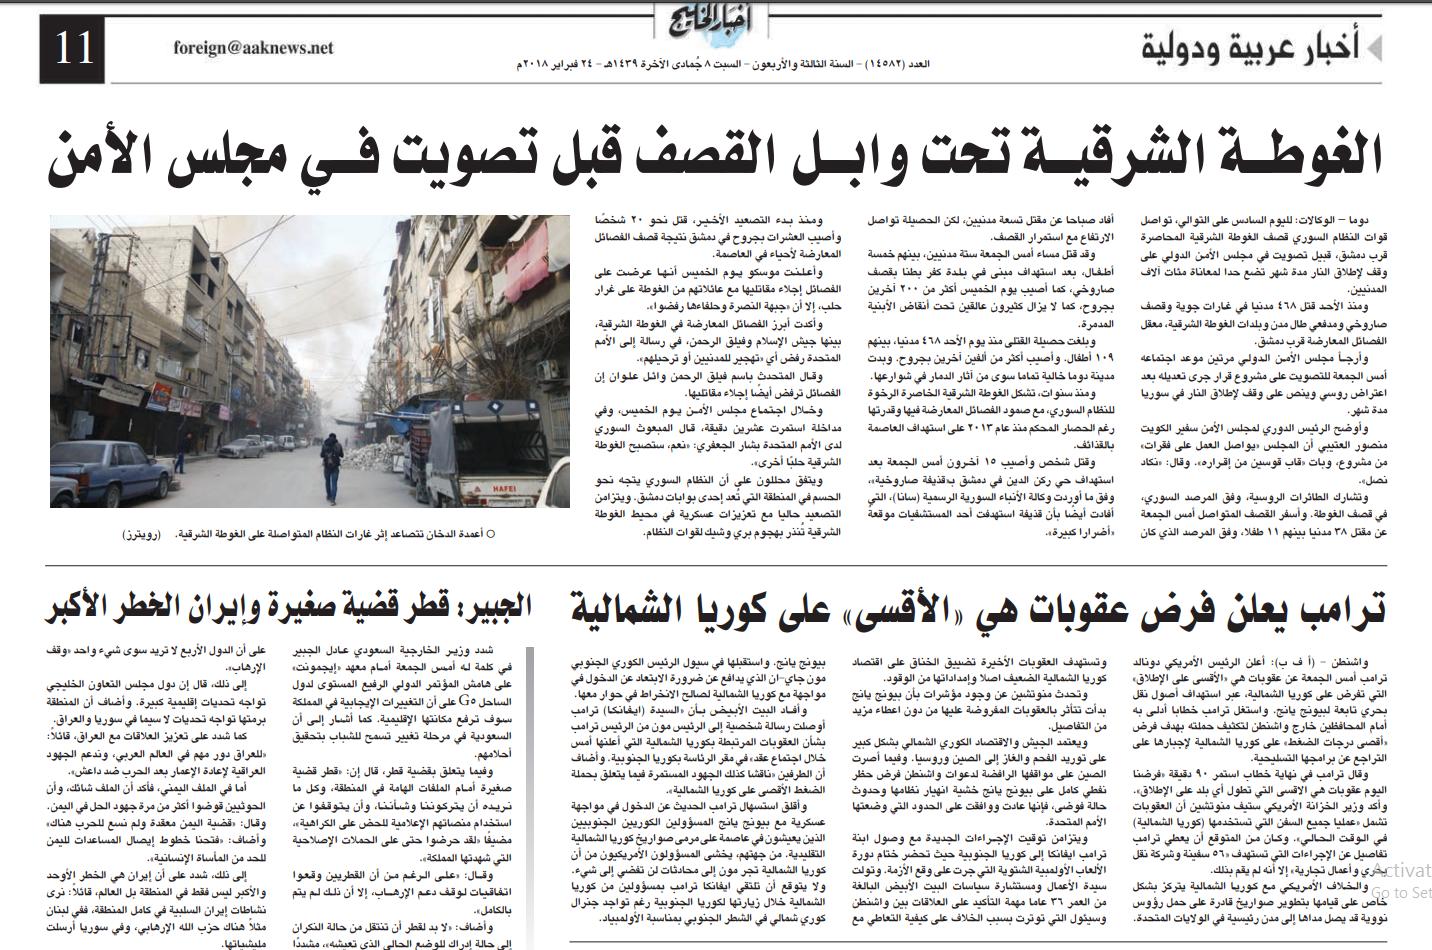 """""""اخبارالخلیج"""" """" سیکوریٹی کونسل میں ووٹنگ سےپہلے مشرقی غوطہ پر بموں کی بارش"""""""